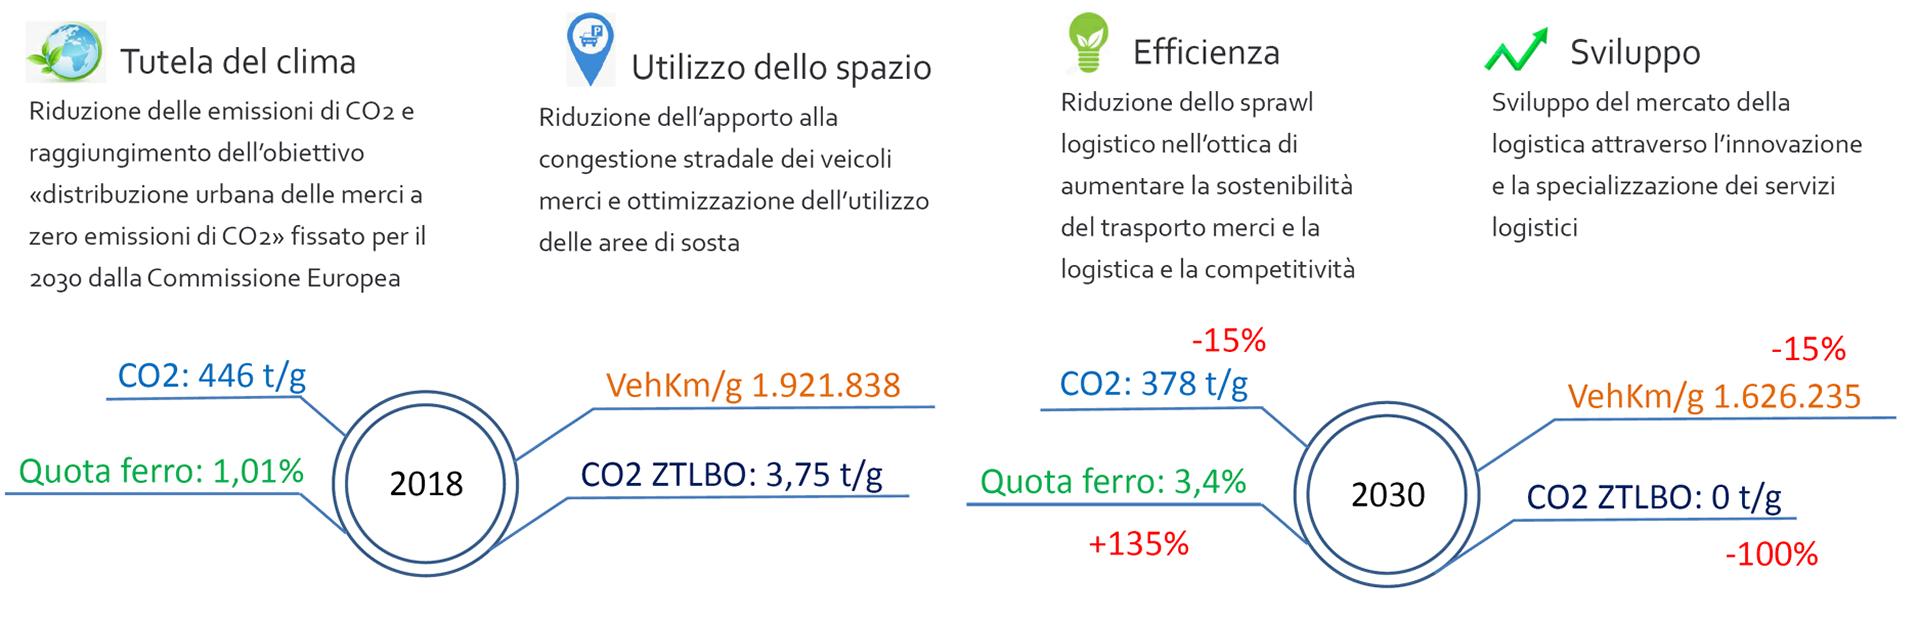 strategie per la mobilità sostenibile delle merci sia per la logistica distributiva in ambito urbano che per la logistica industriale